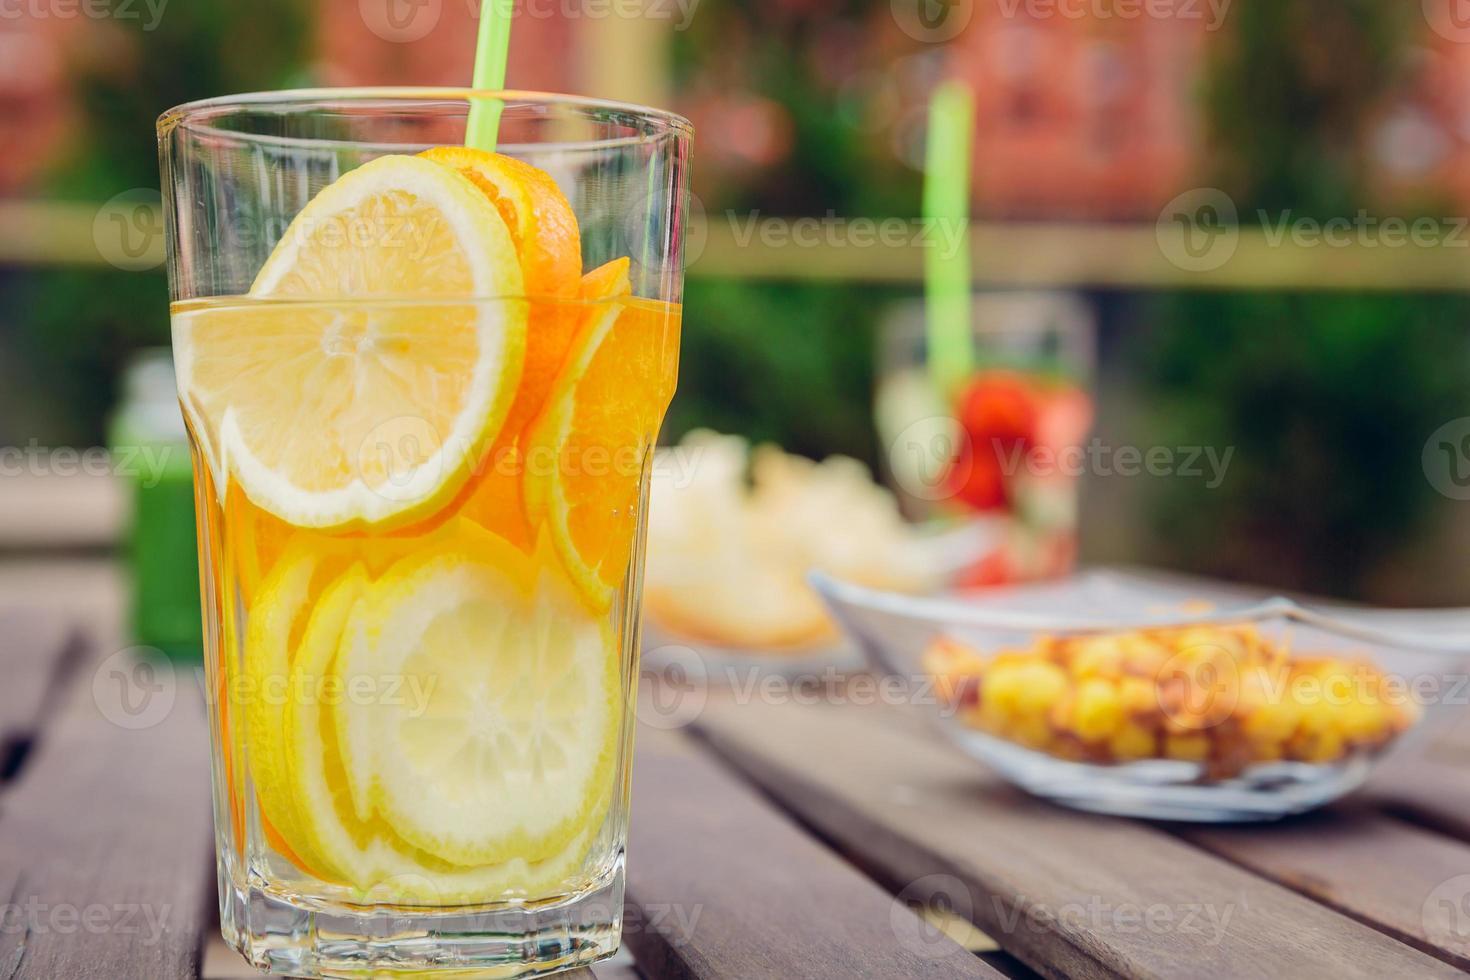 cócteles de agua de frutas infundidos y batidos de vegetales verdes foto